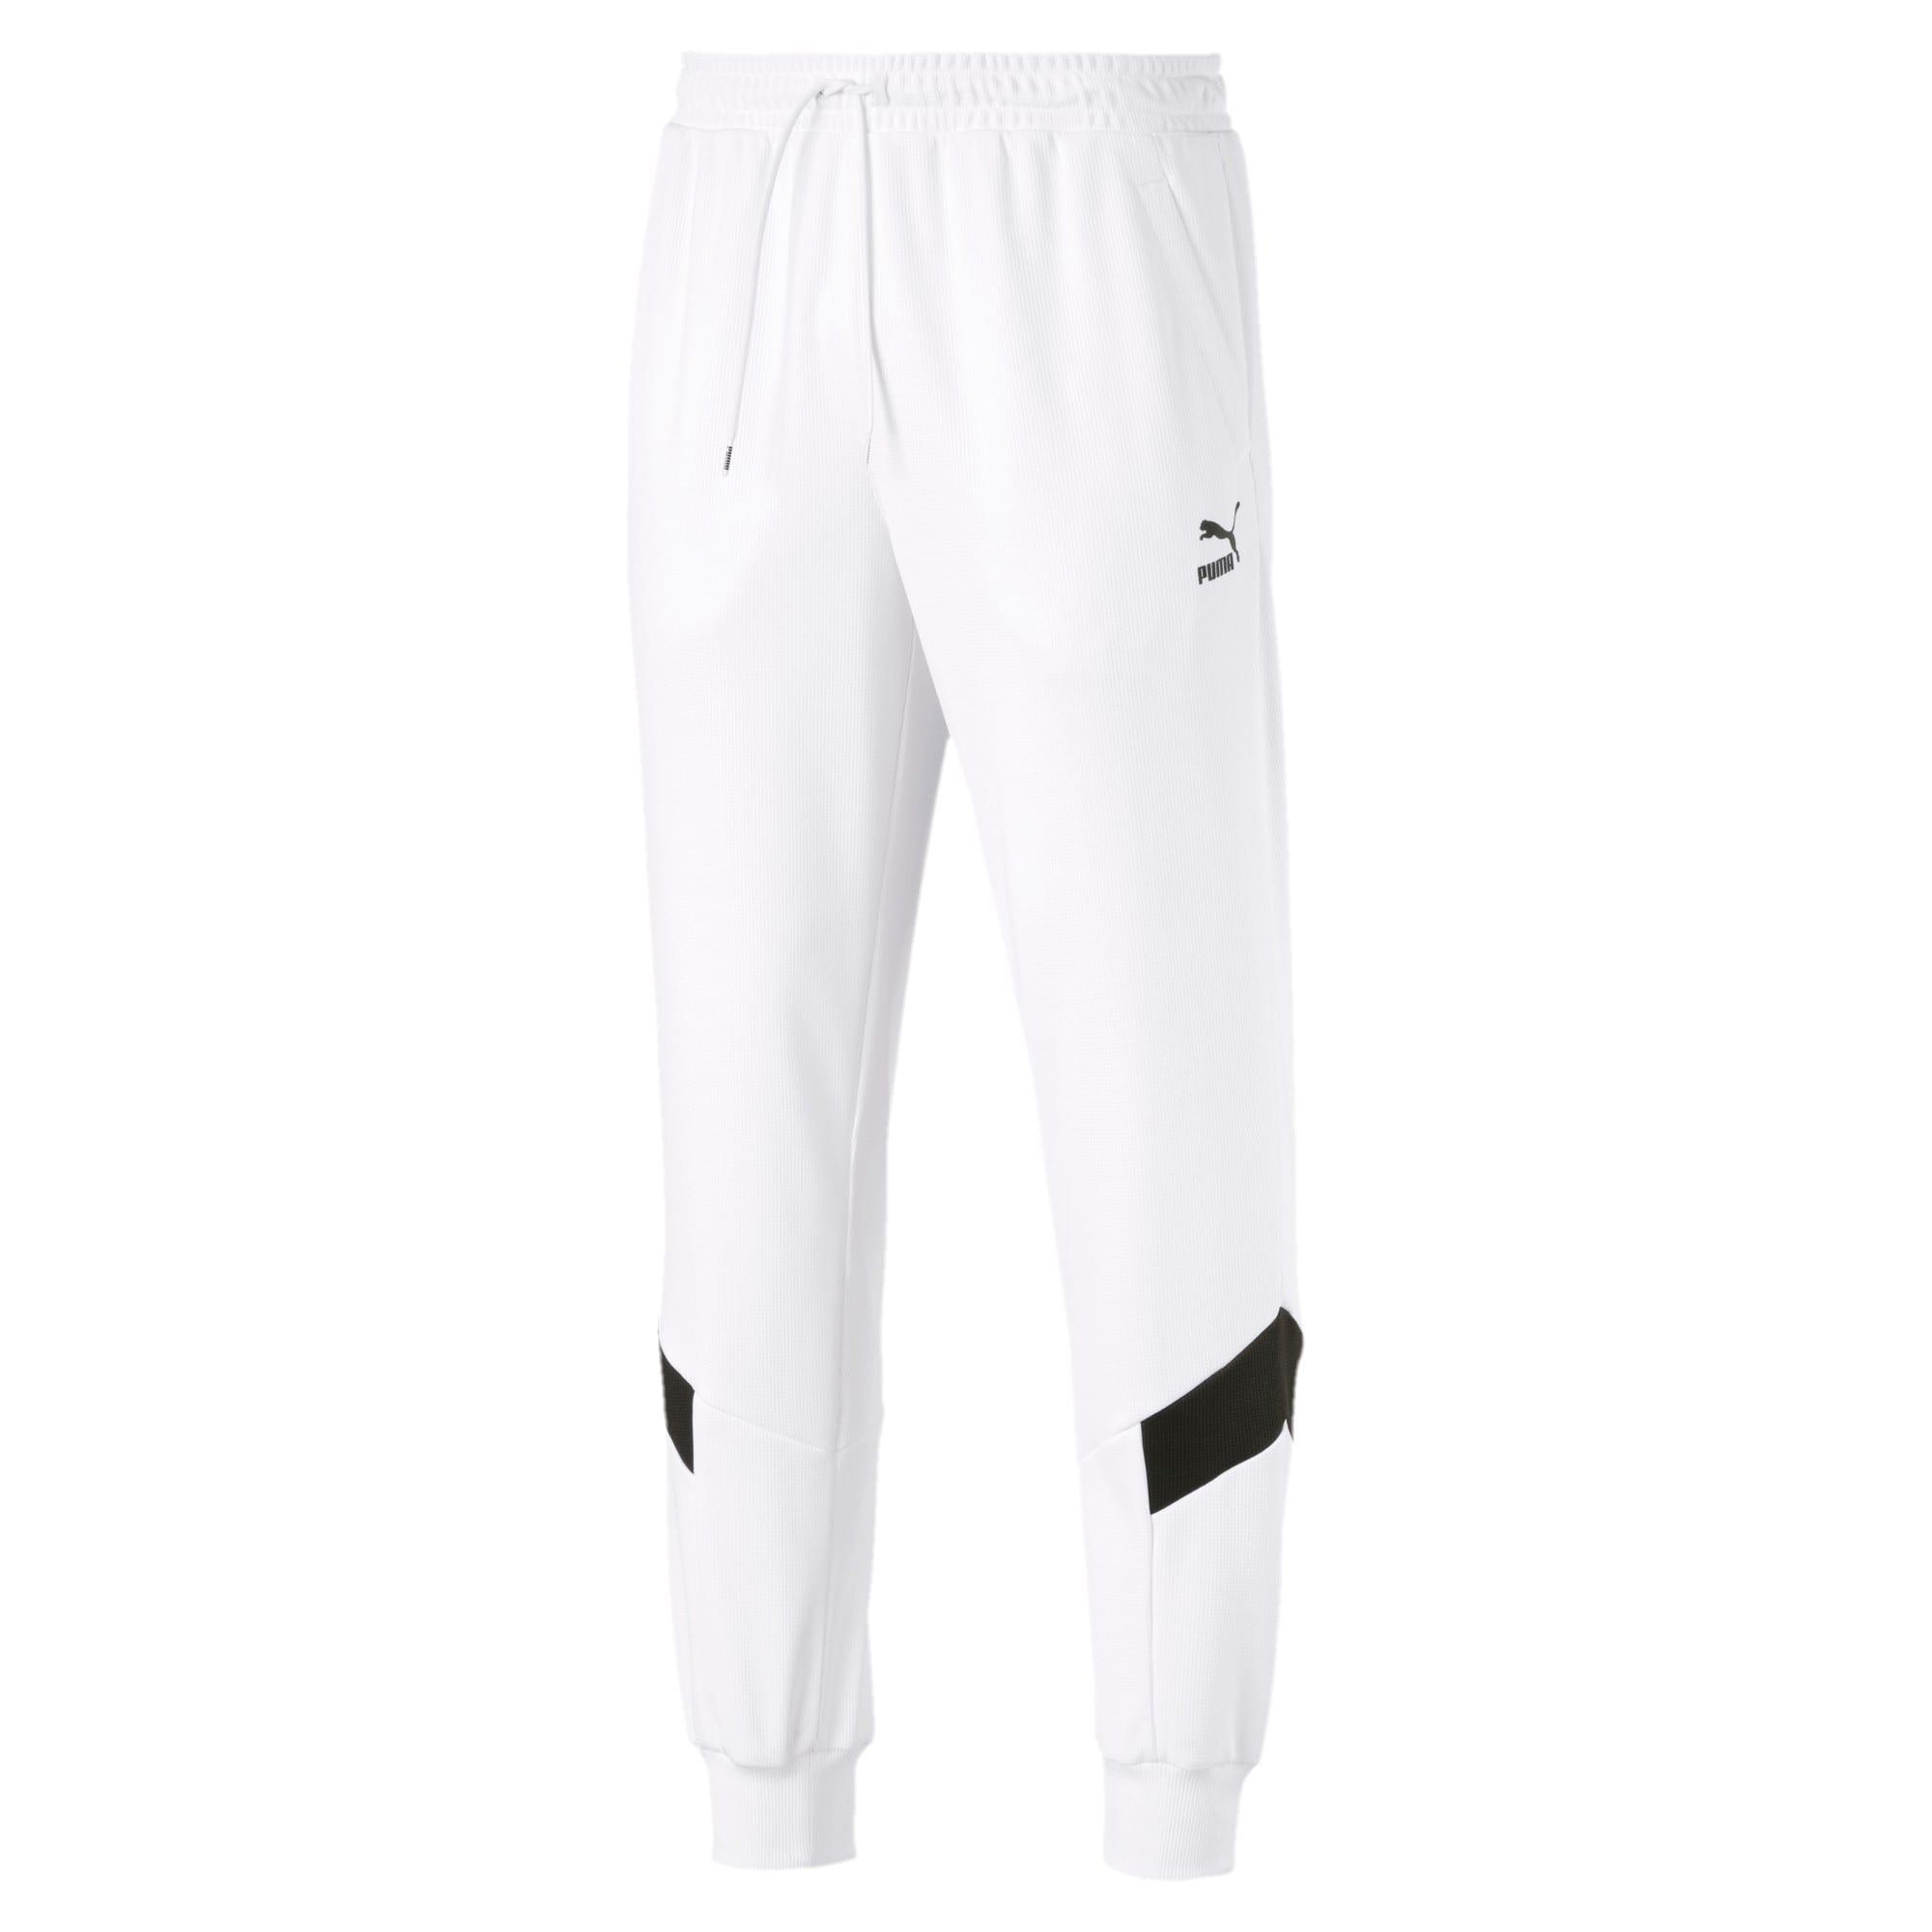 Thumbnail 1 of Iconic MCS Men's Mesh Track Pants, Puma White, medium